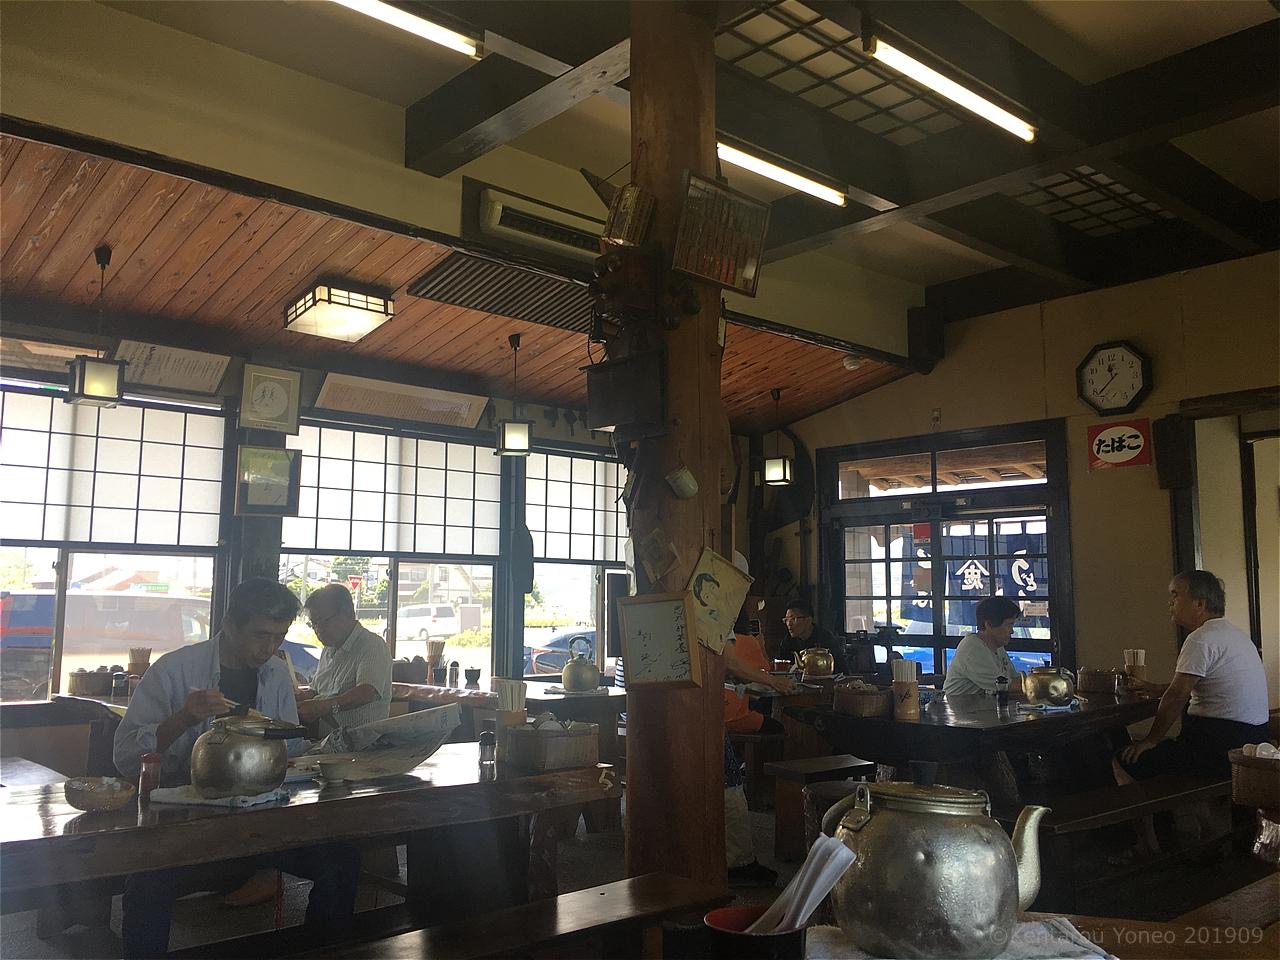 忠太郎茶屋の店内(テーブル)